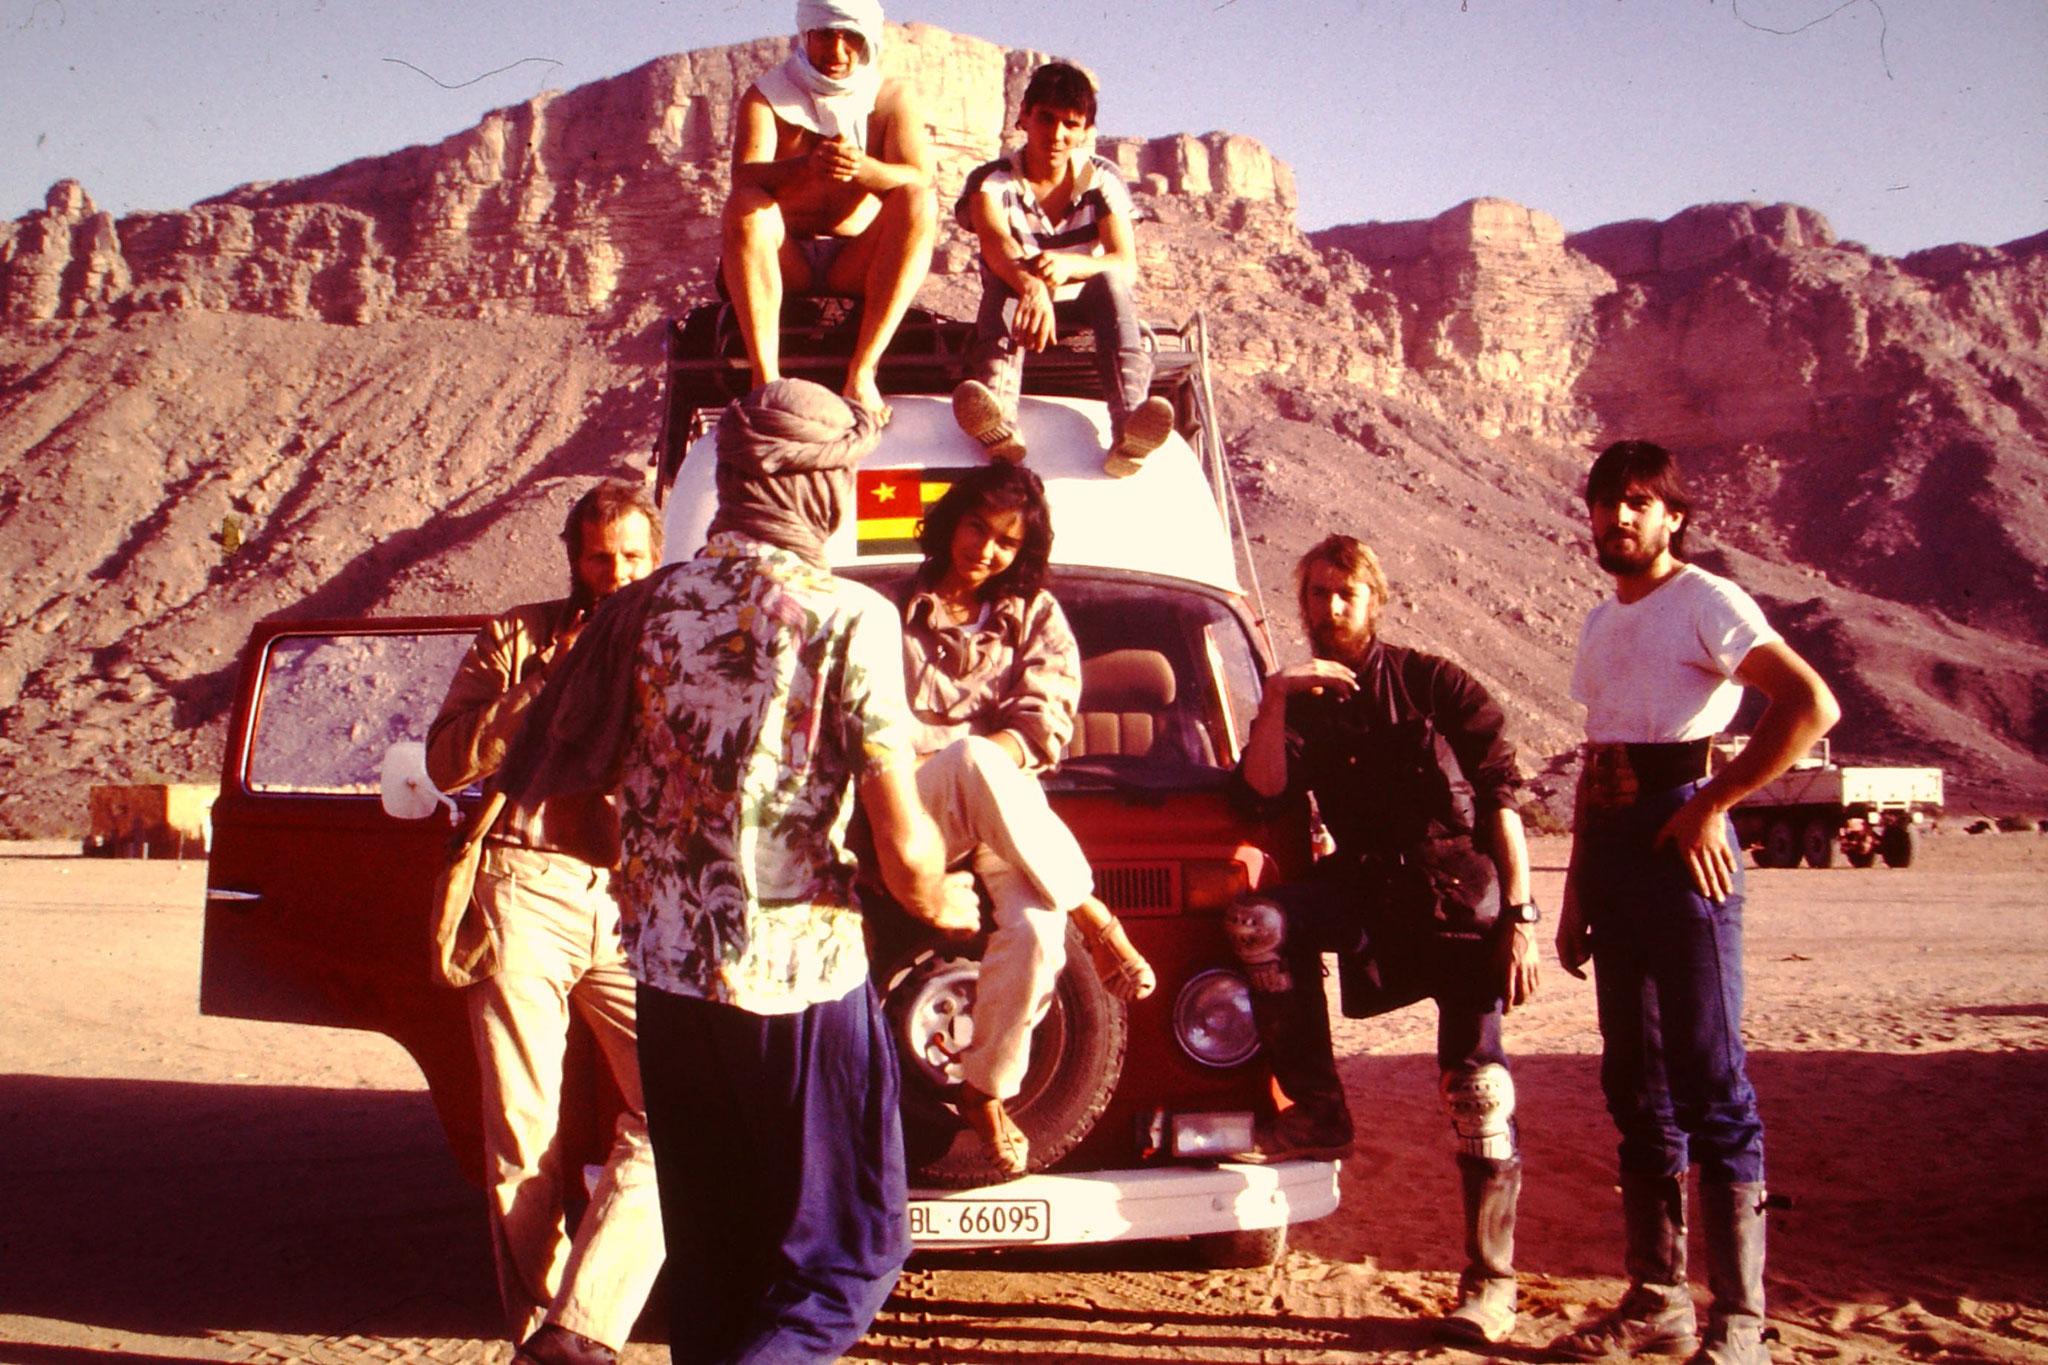 Die Teilnehmer der Letzten Saharadurchquerun via Hoggar Piste (1987).